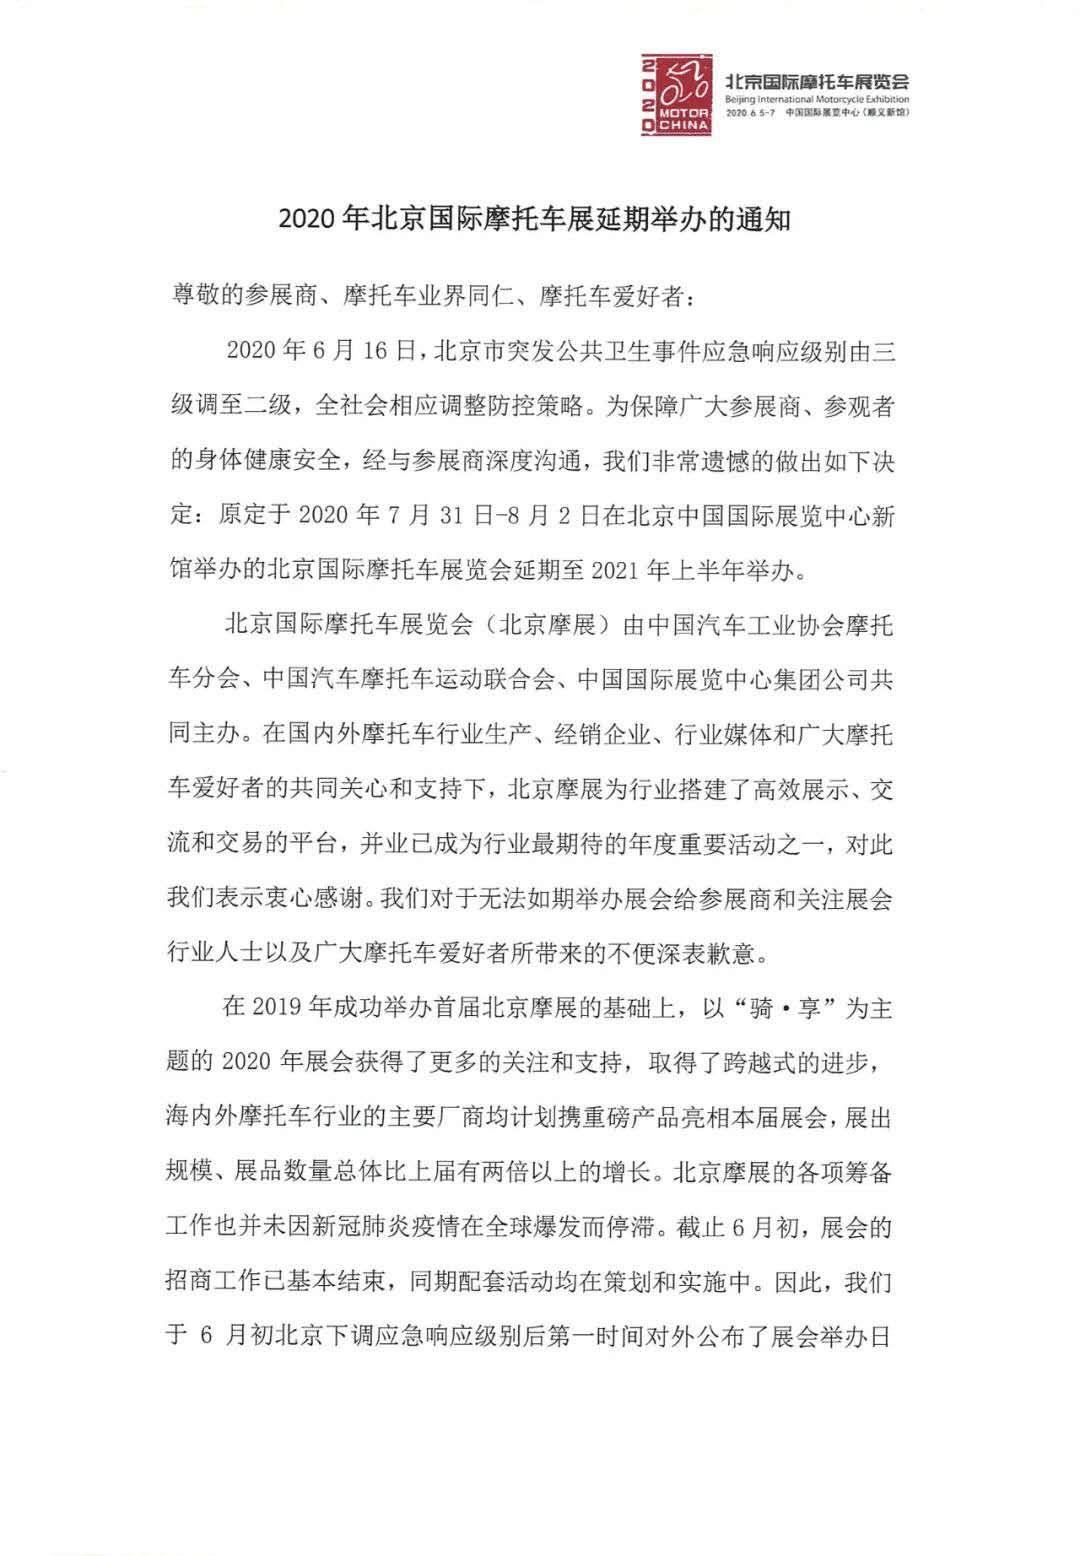 北京摩托车展延期